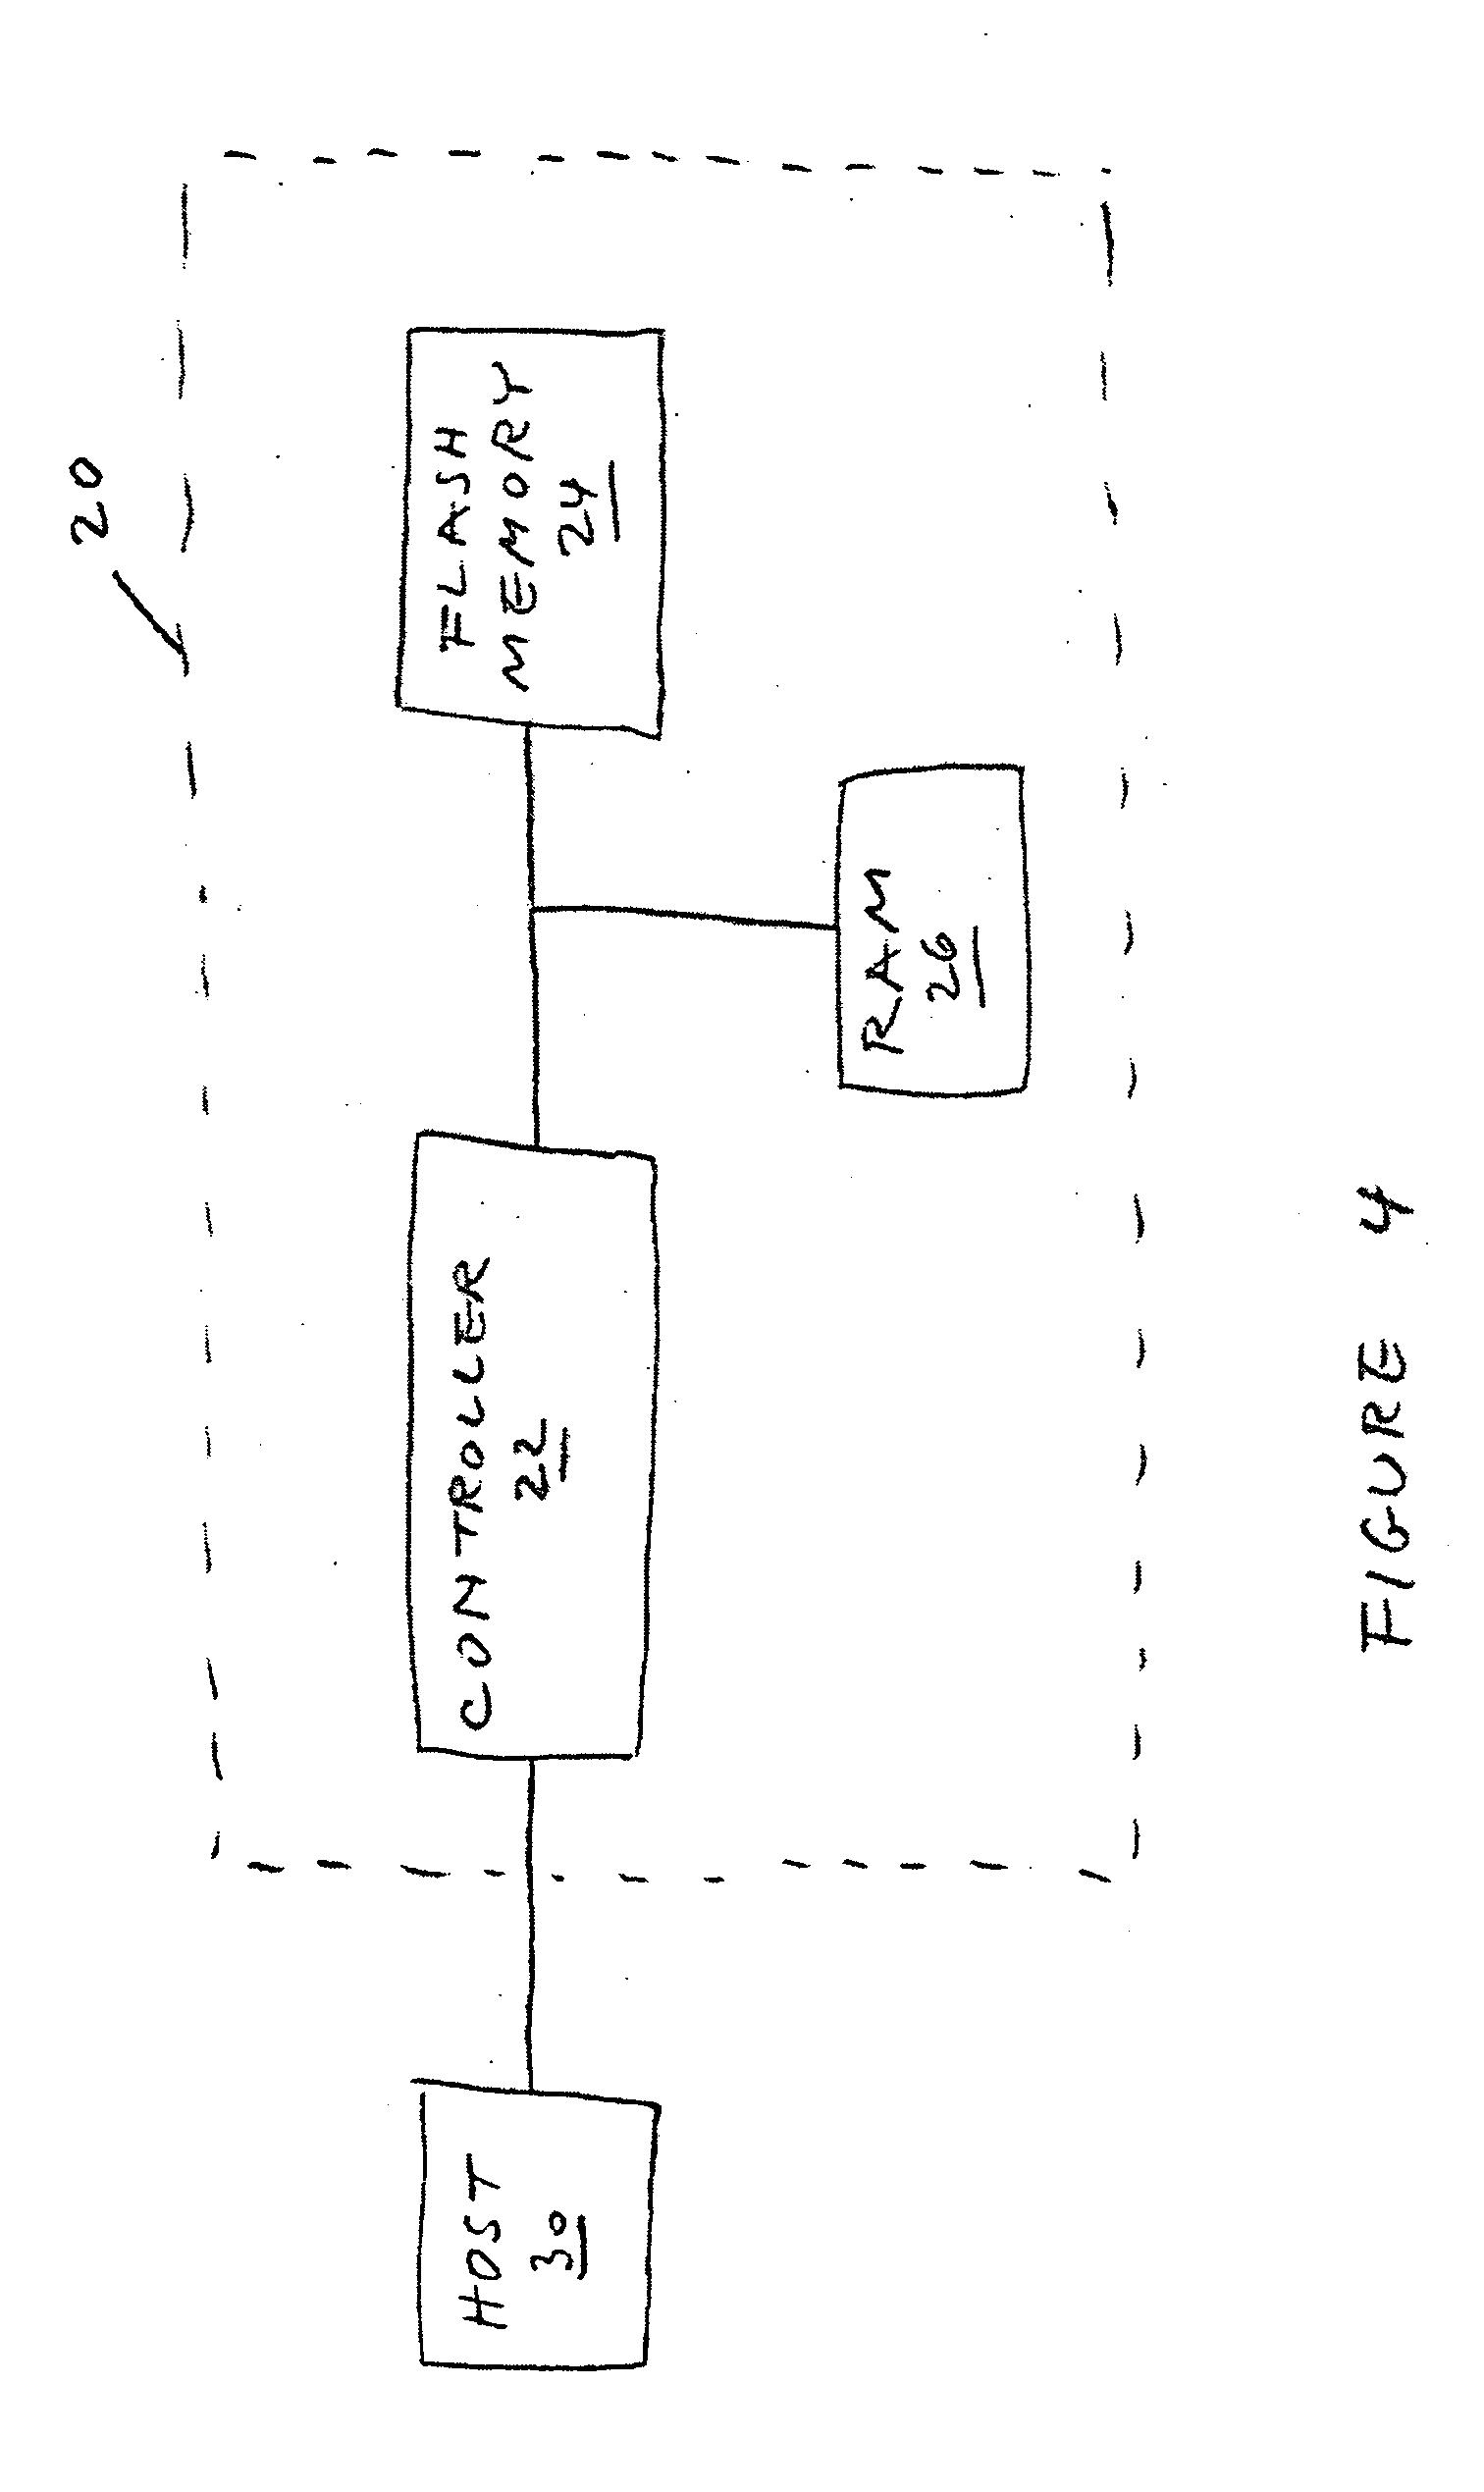 patent us20070089034